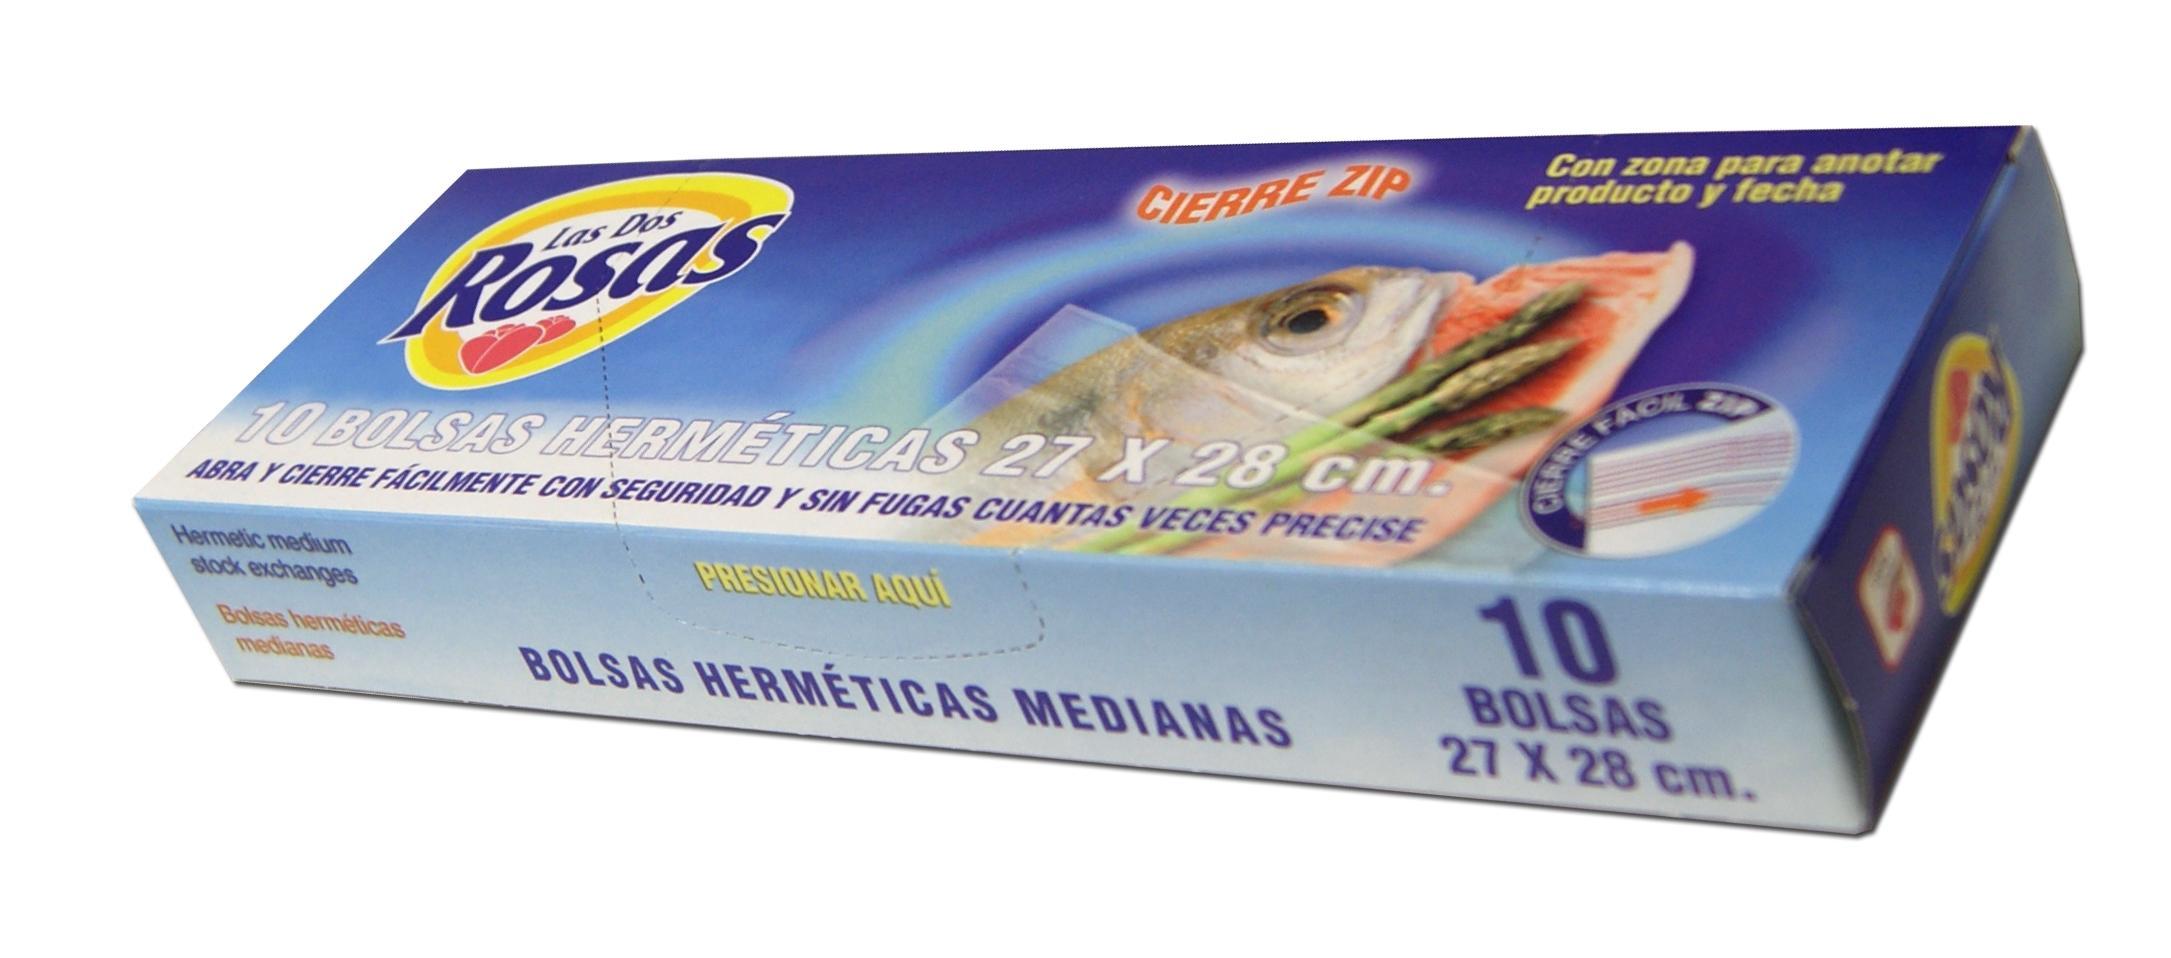 Las 2 Rosas bolsas 27x28 cm 10u